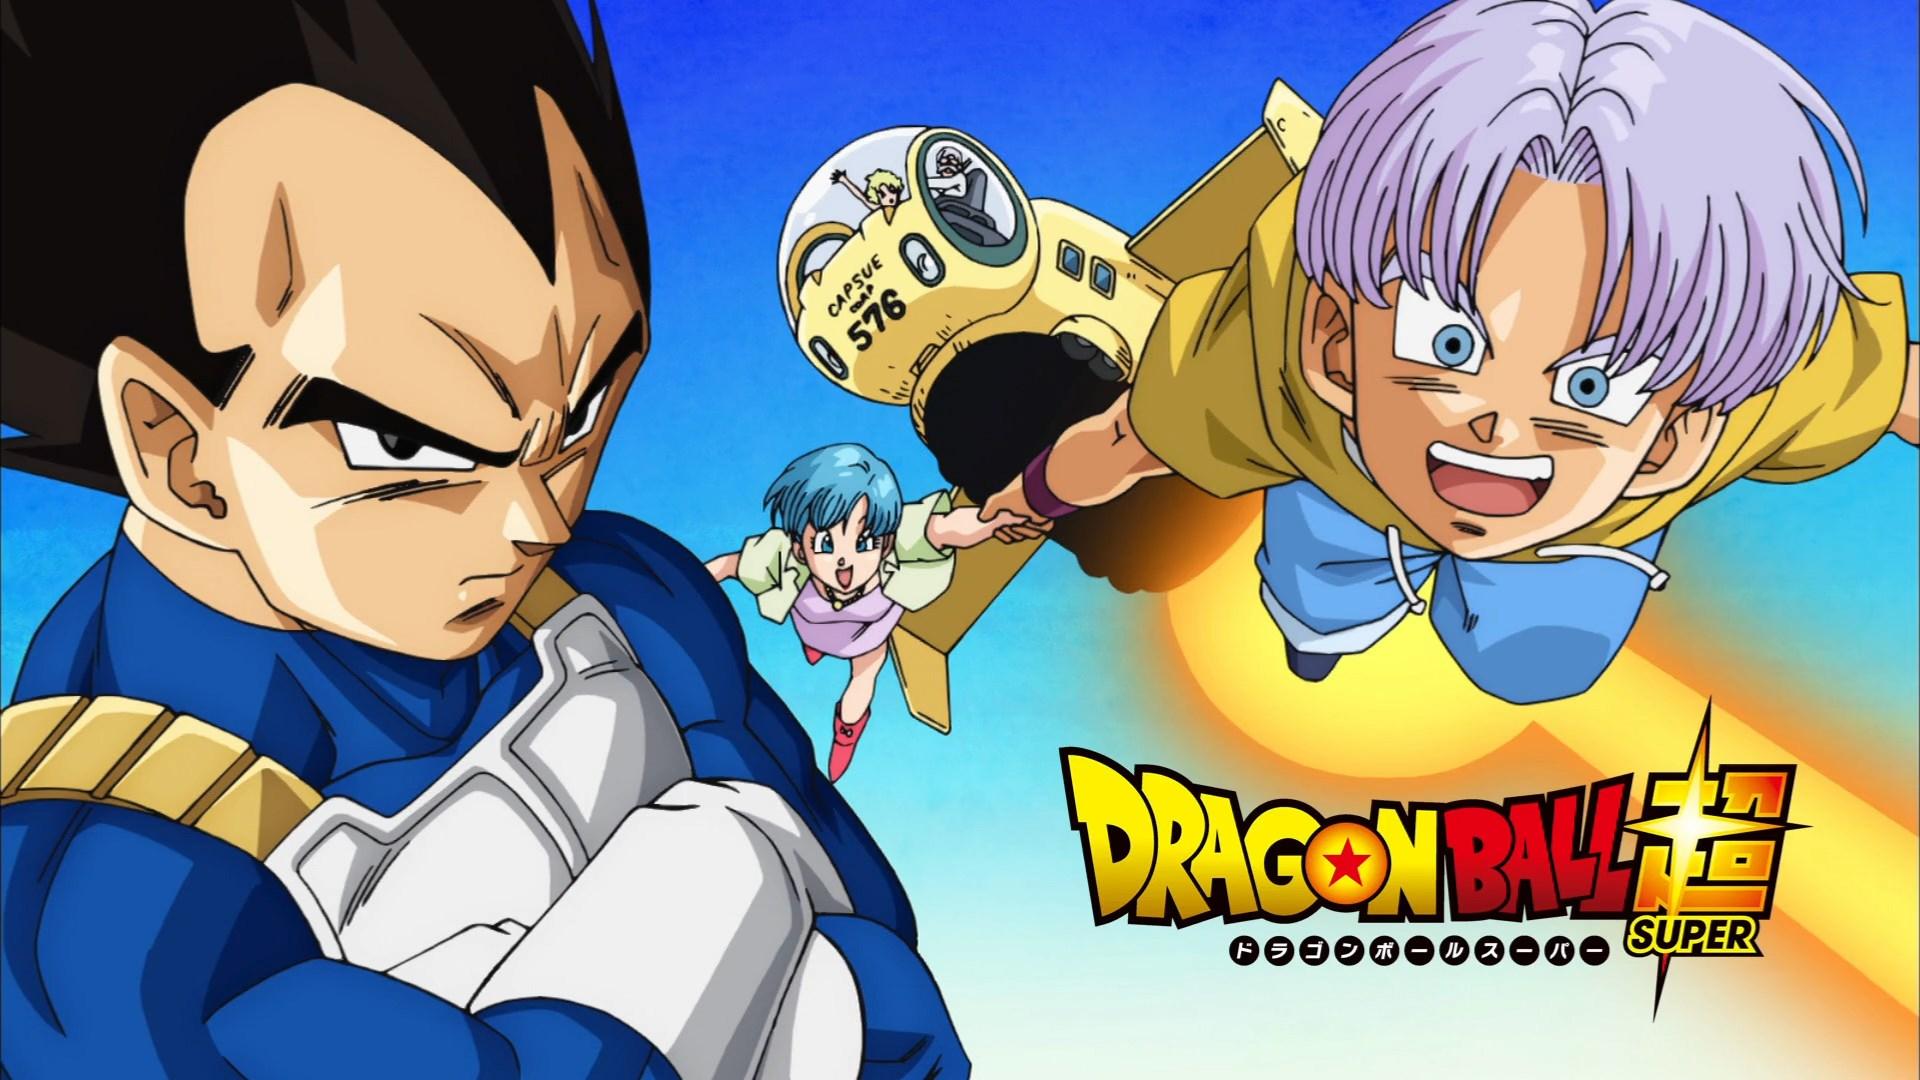 [DS] Dragon Ball Super 070 [1080p].mkv_snapshot_13.49_[2016.12.11_03.49.05]